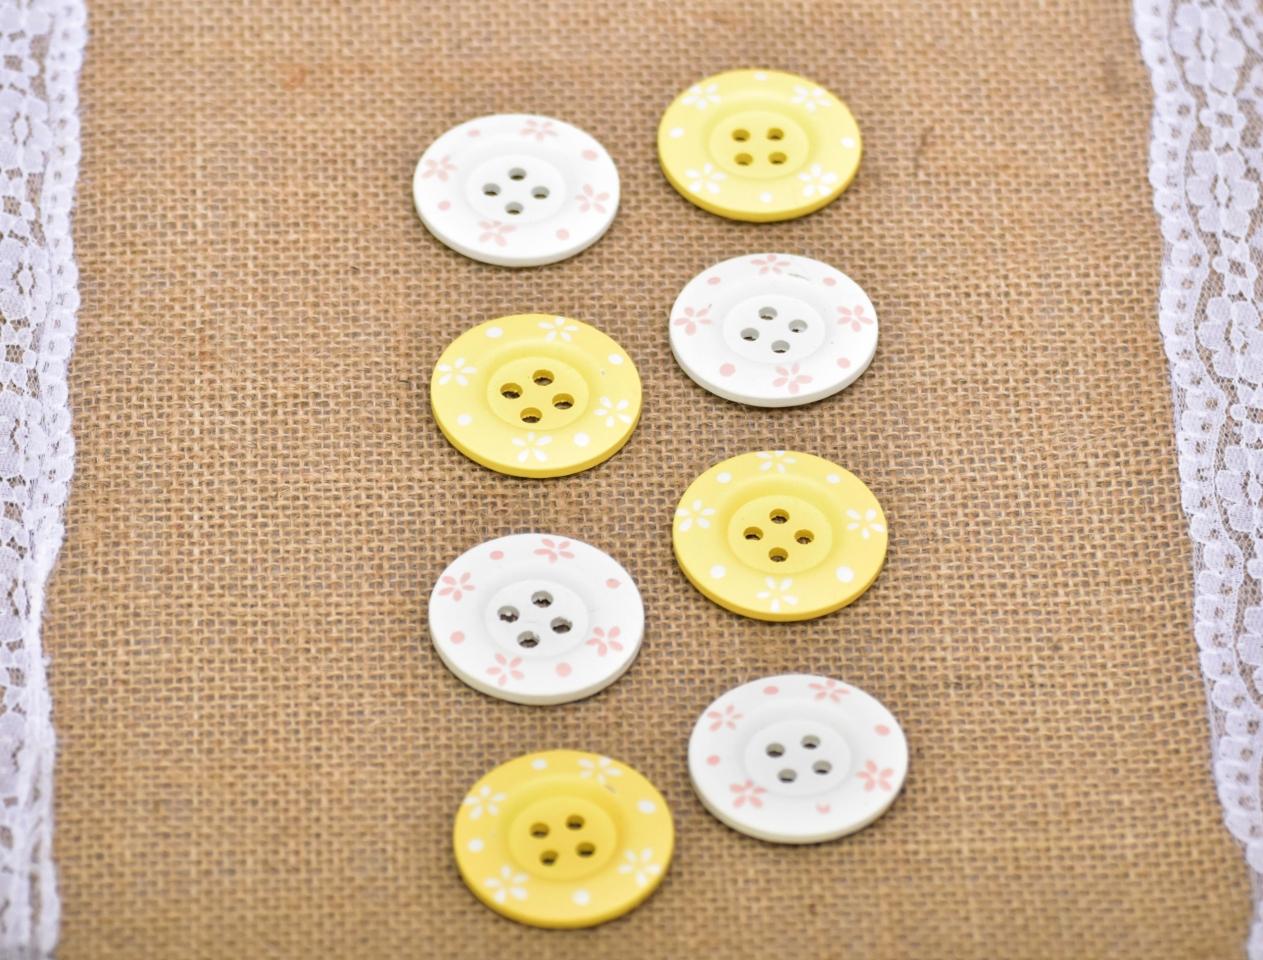 Dřevěné knoflíky žluté, bílé